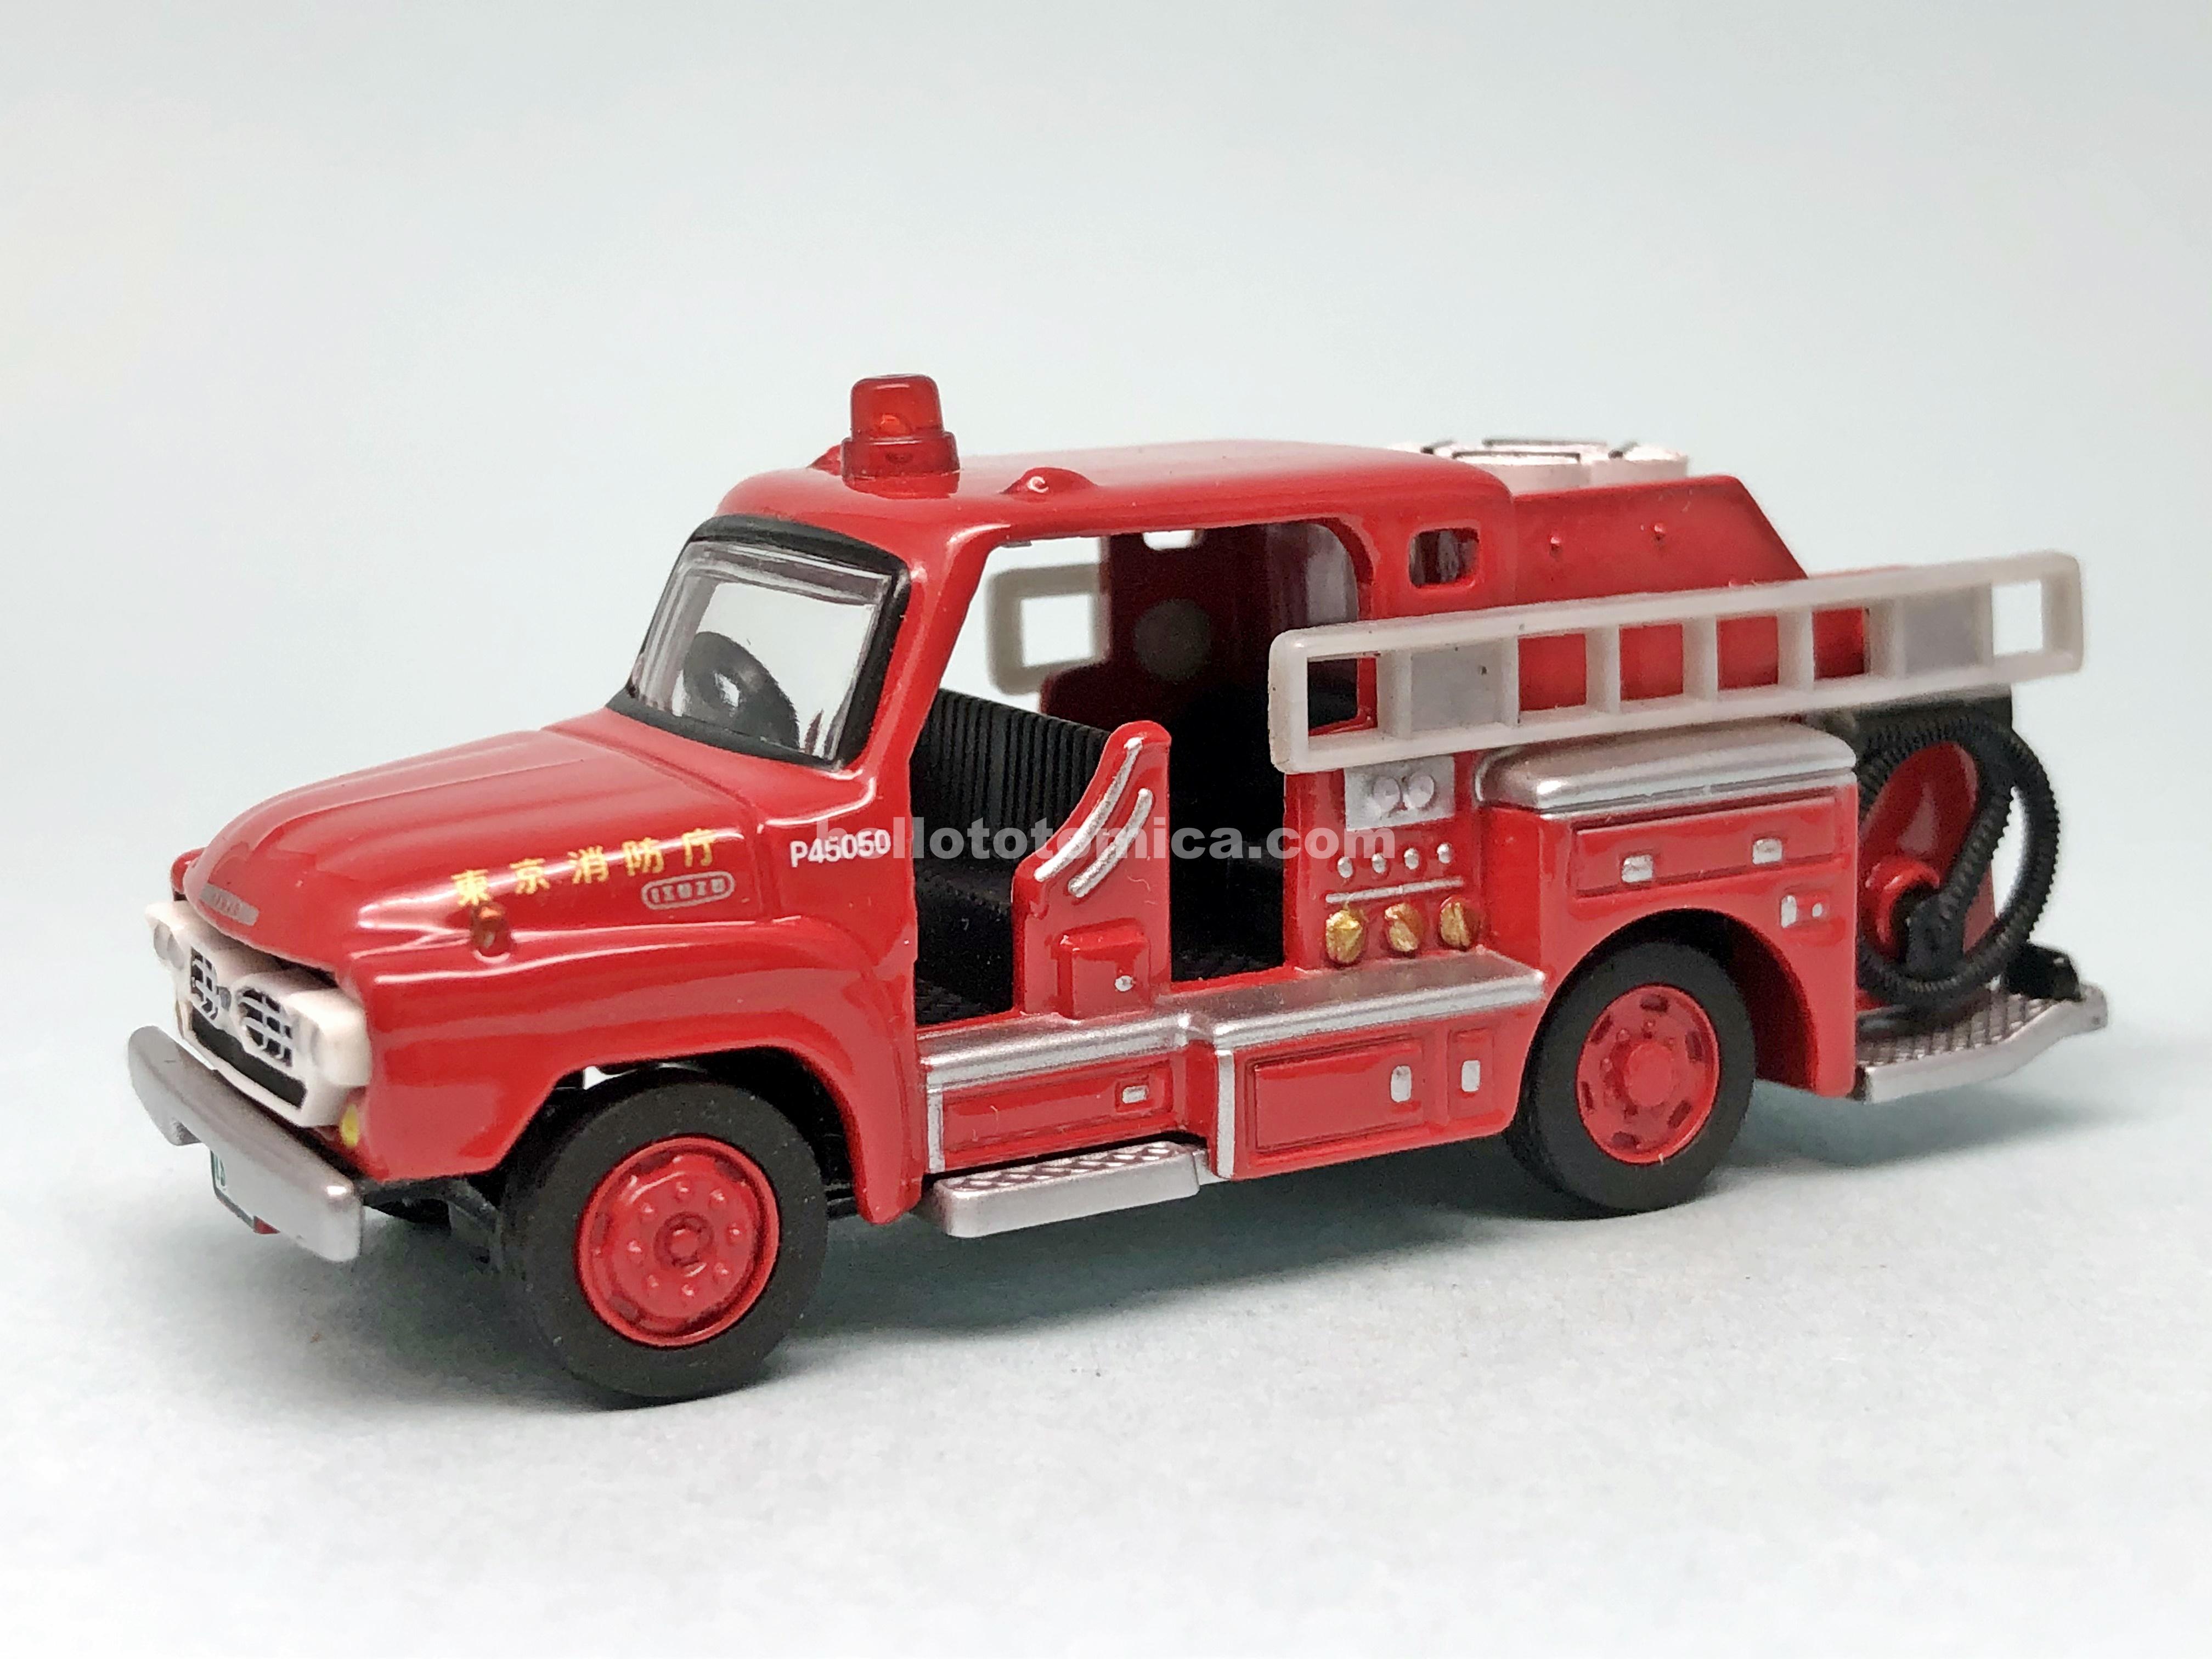 68-1 ISUZU PUMP FIRE ENGINE